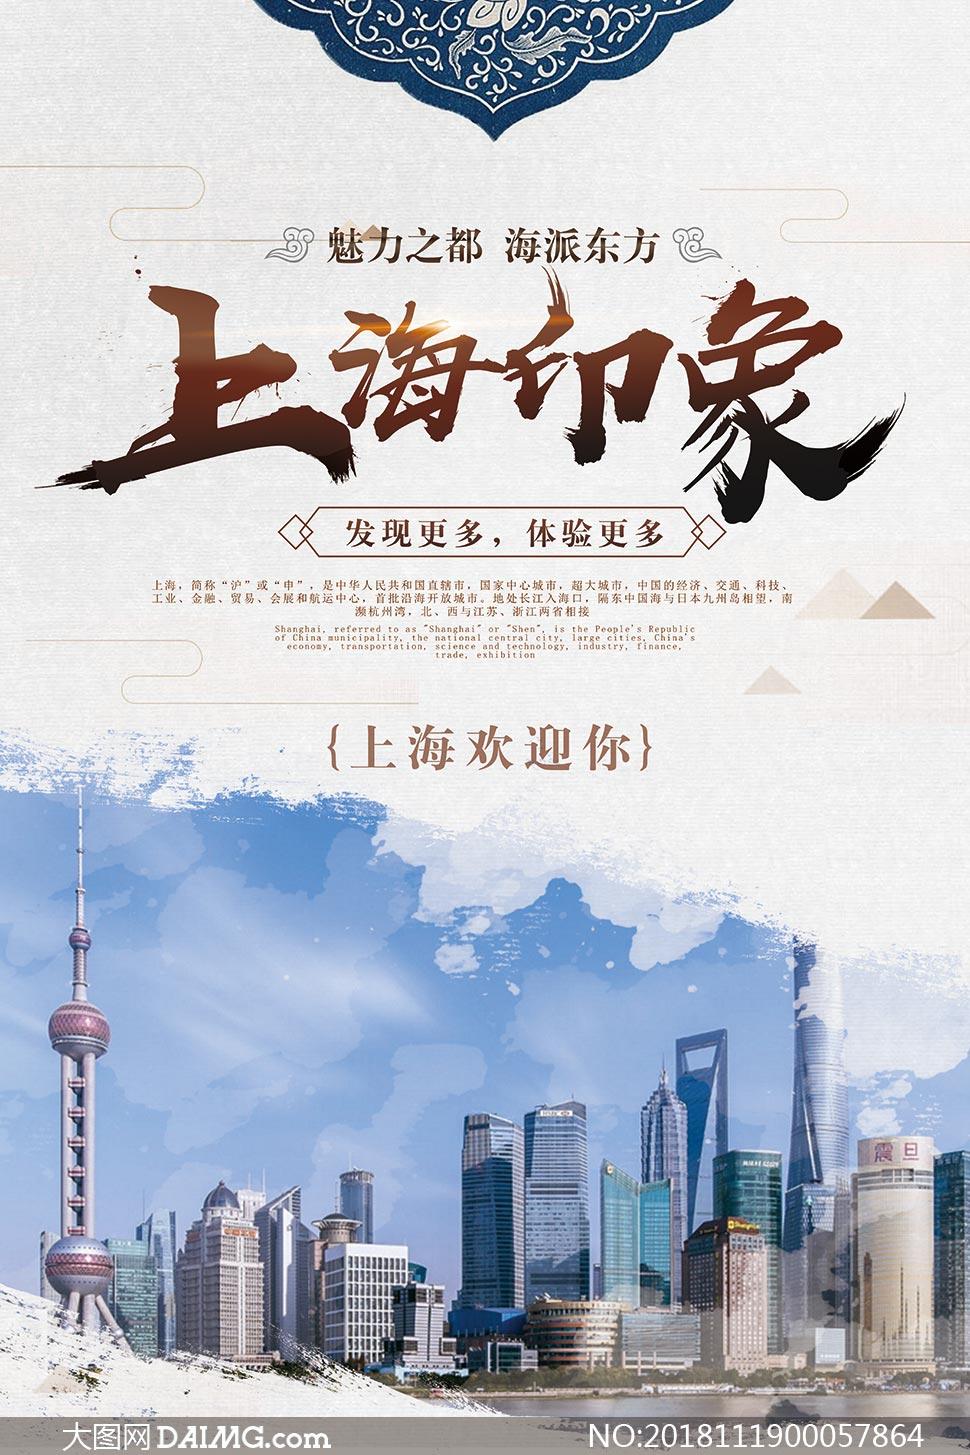 中式上海旅游宣传海报设计psd素材